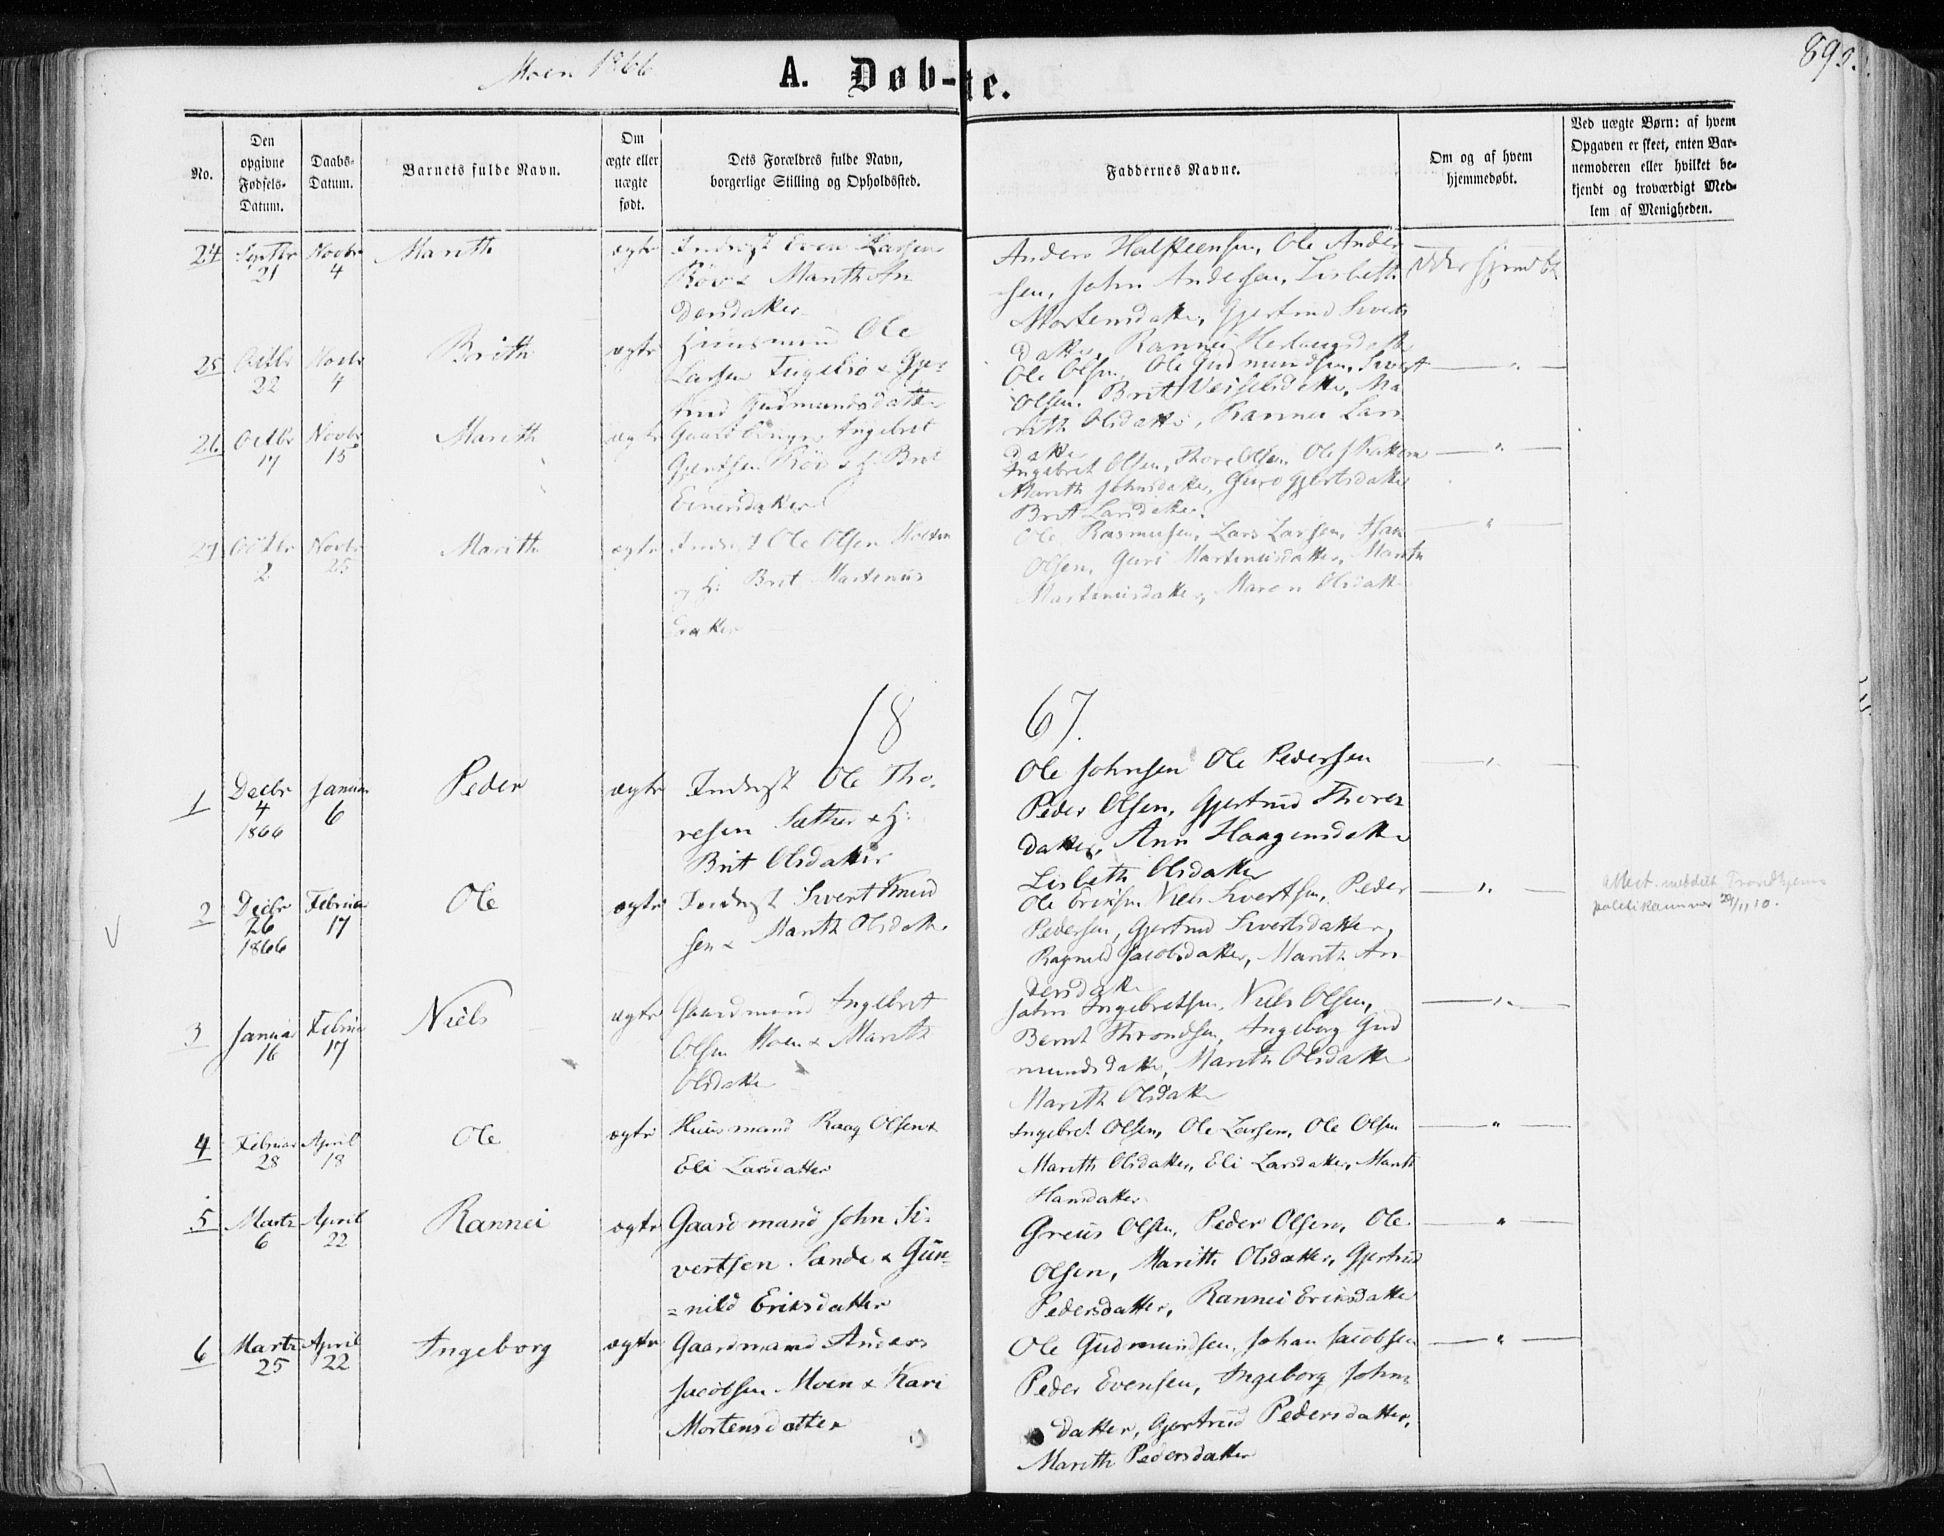 SAT, Ministerialprotokoller, klokkerbøker og fødselsregistre - Møre og Romsdal, 595/L1045: Ministerialbok nr. 595A07, 1863-1873, s. 89